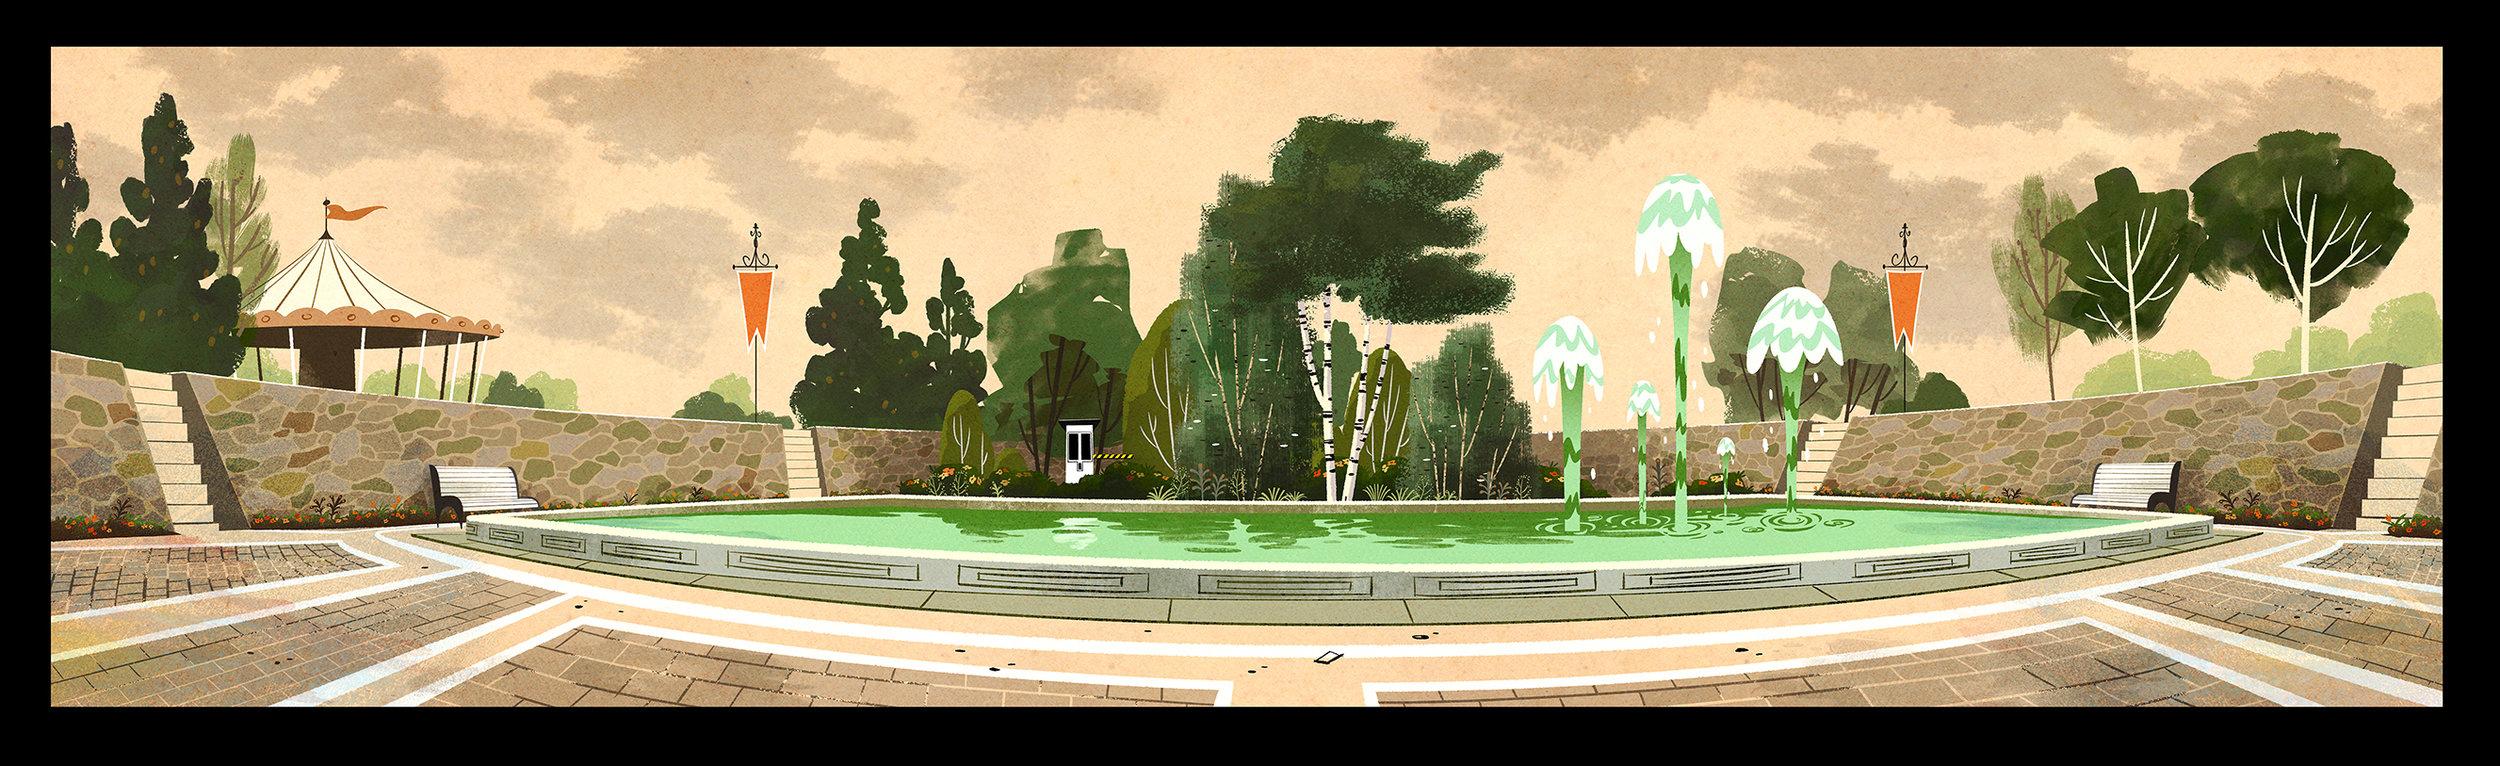 482M_508Sc29A_San_Souci_Fountain_Pan.jpg